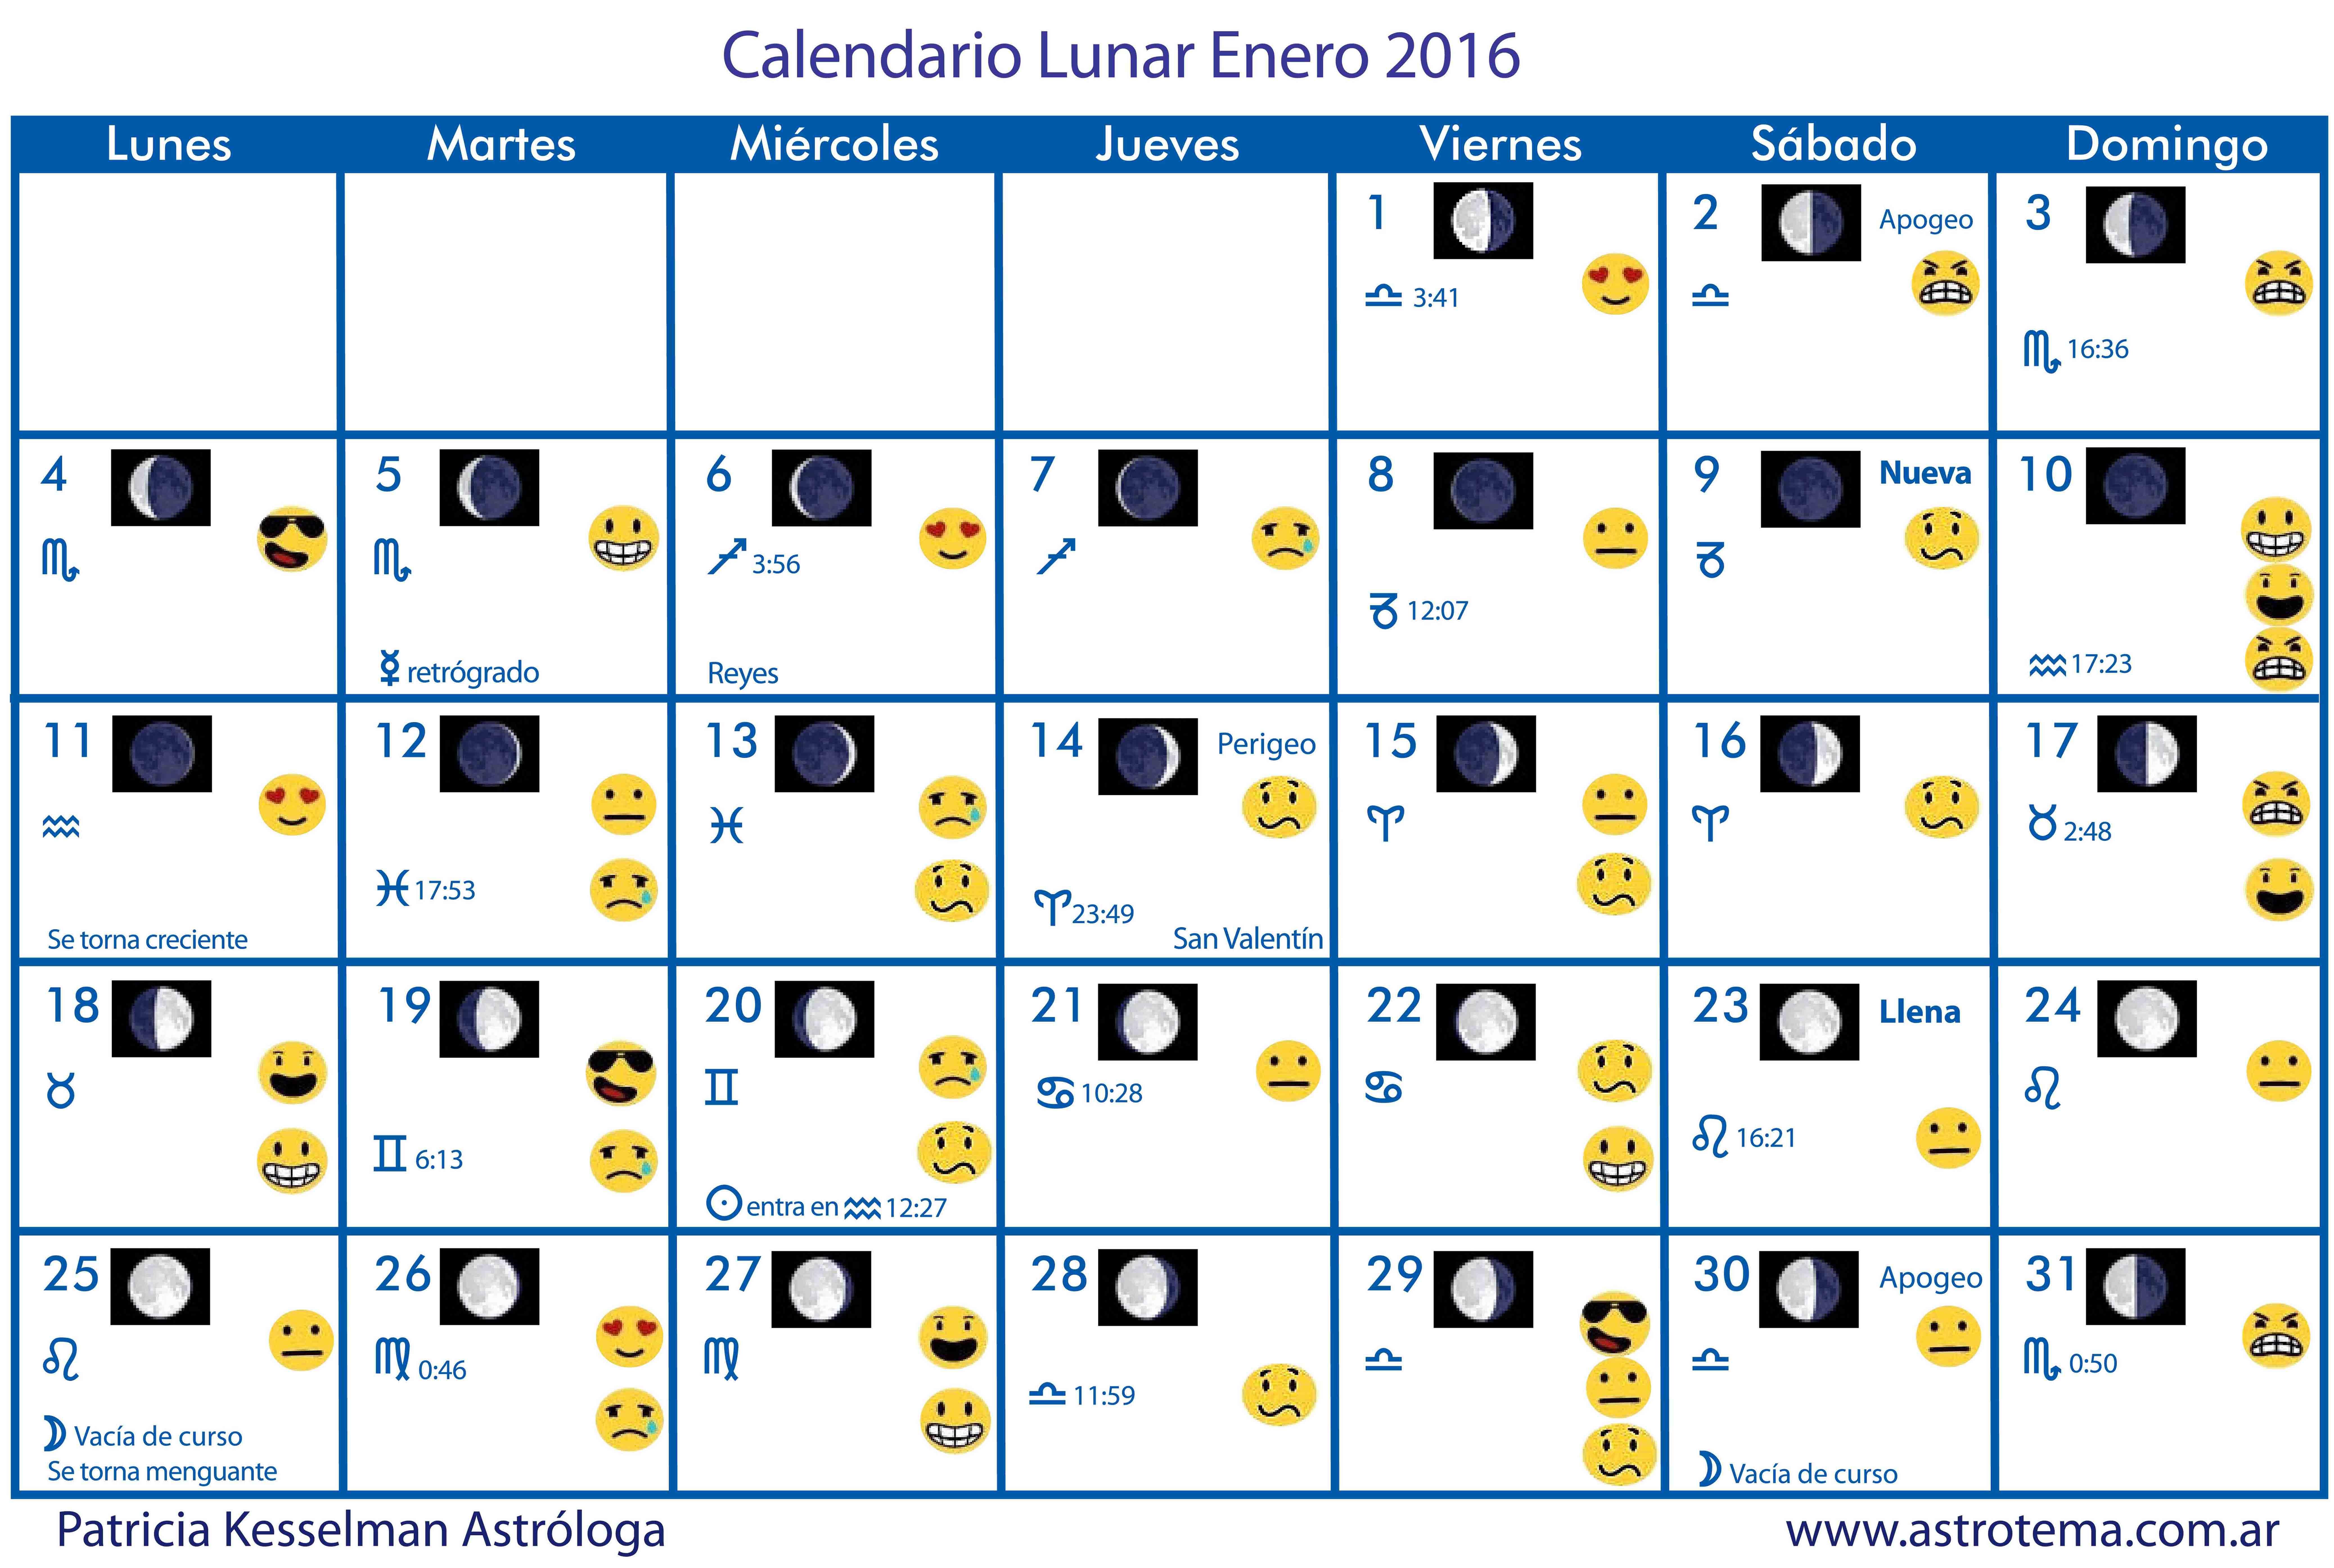 Calendario lunar enero 2016 patricia kesselman for Fases lunares del 2016